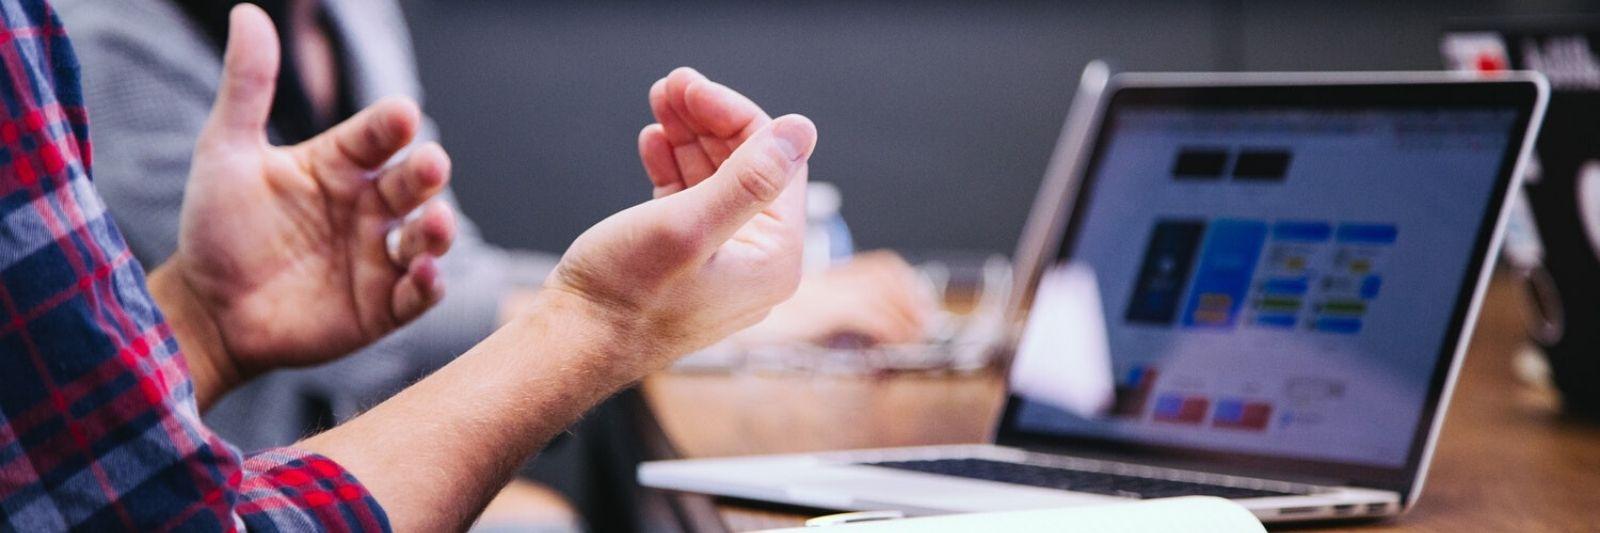 10 beneficios de llevar a cabo una transformación digital